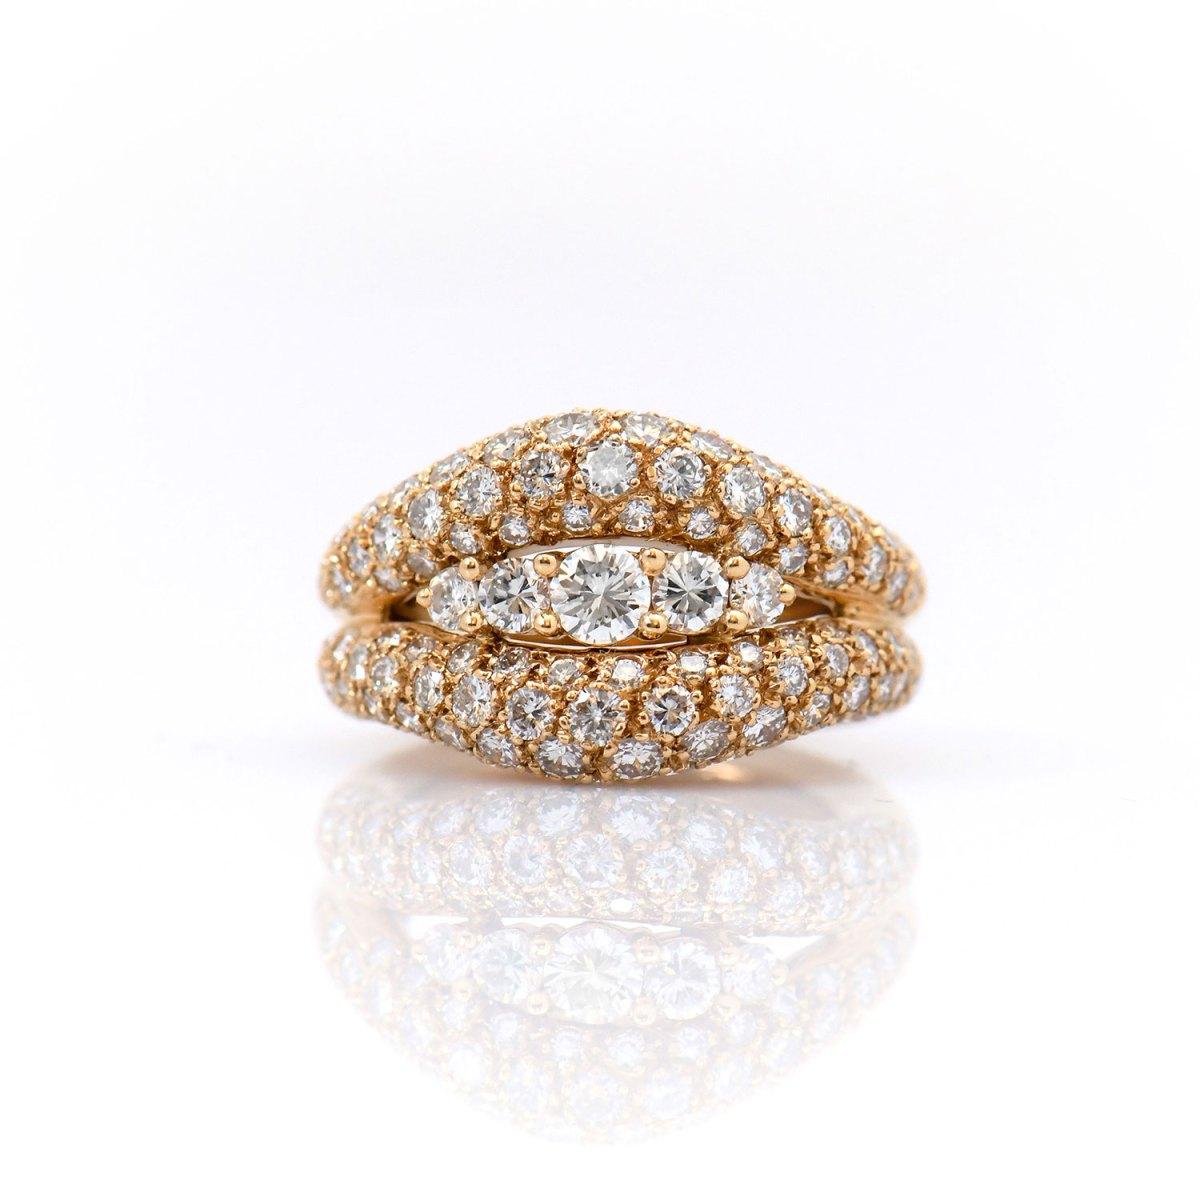 Bague Or jaune Diamants en pavage CHAUMET, Or jaune 750‰ | Réf BA-B18646 | EVENOR Joaillerie • Bijoux Vintage et d'occasion